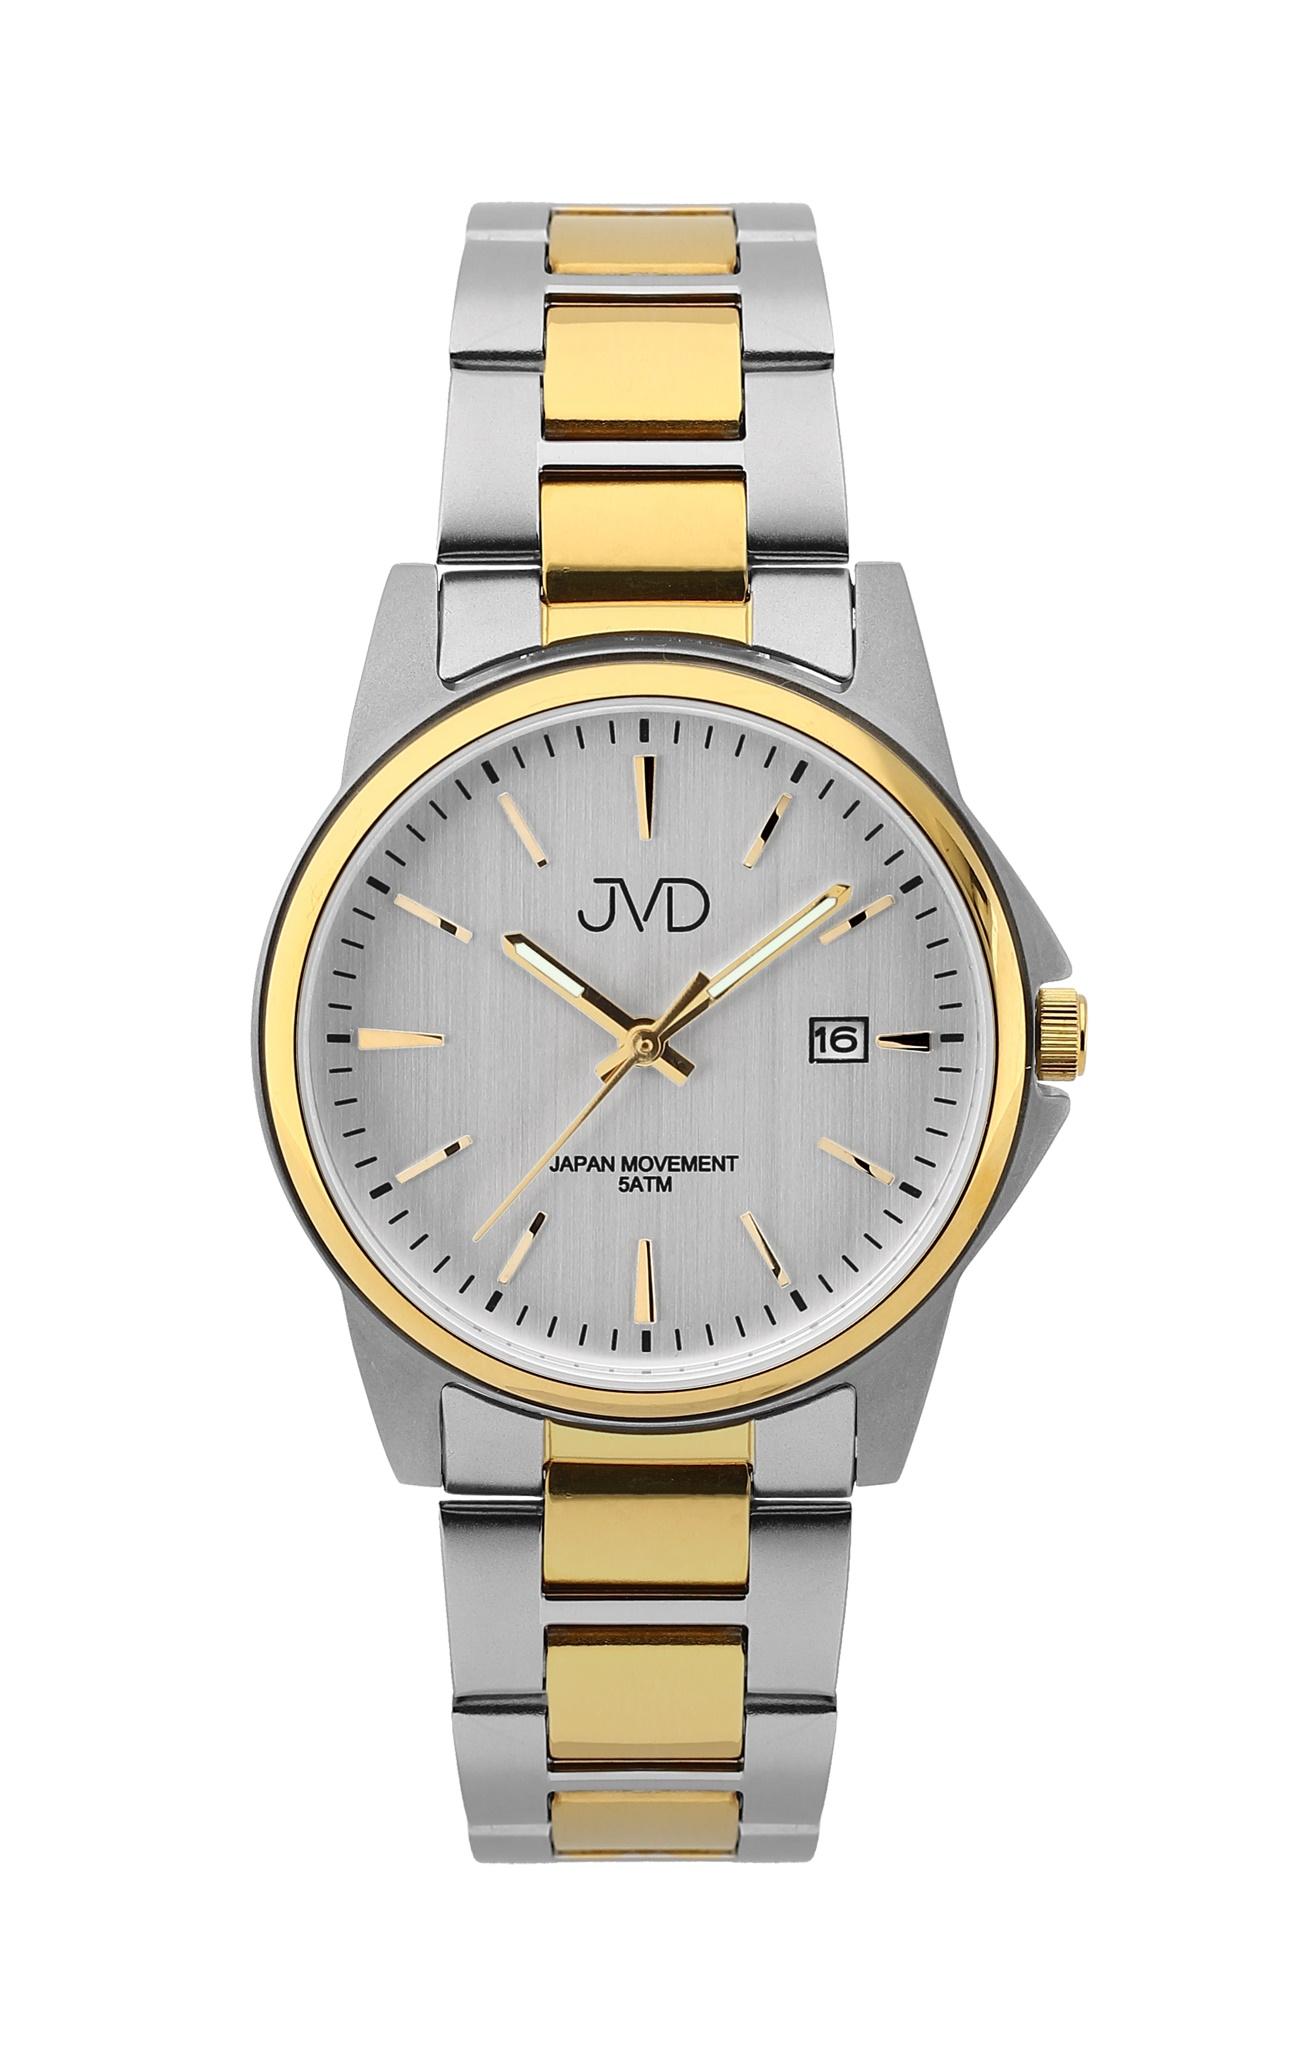 Pánské ocelové čitelné náramkové hodinky JVD J1116.3 - 5ATM ec939d93eff